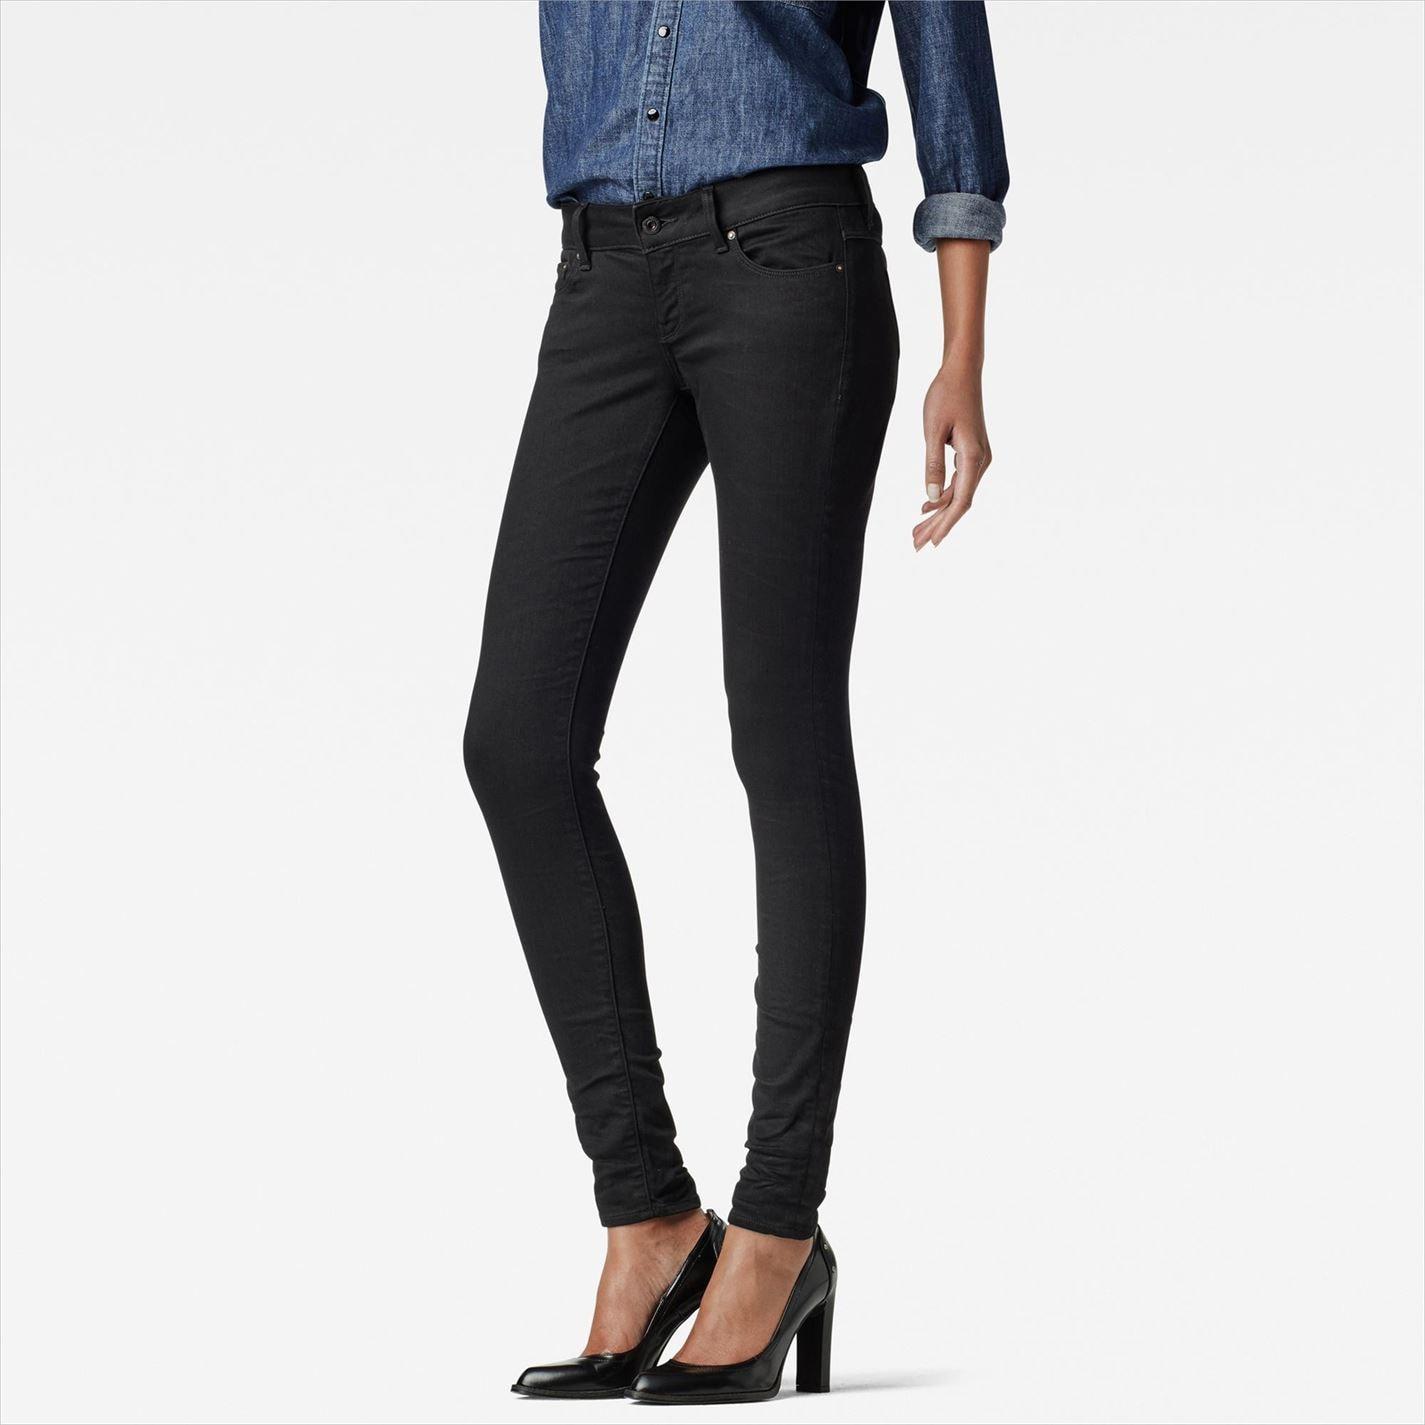 G Star Star 3301 Low Skinny Womens Jeans